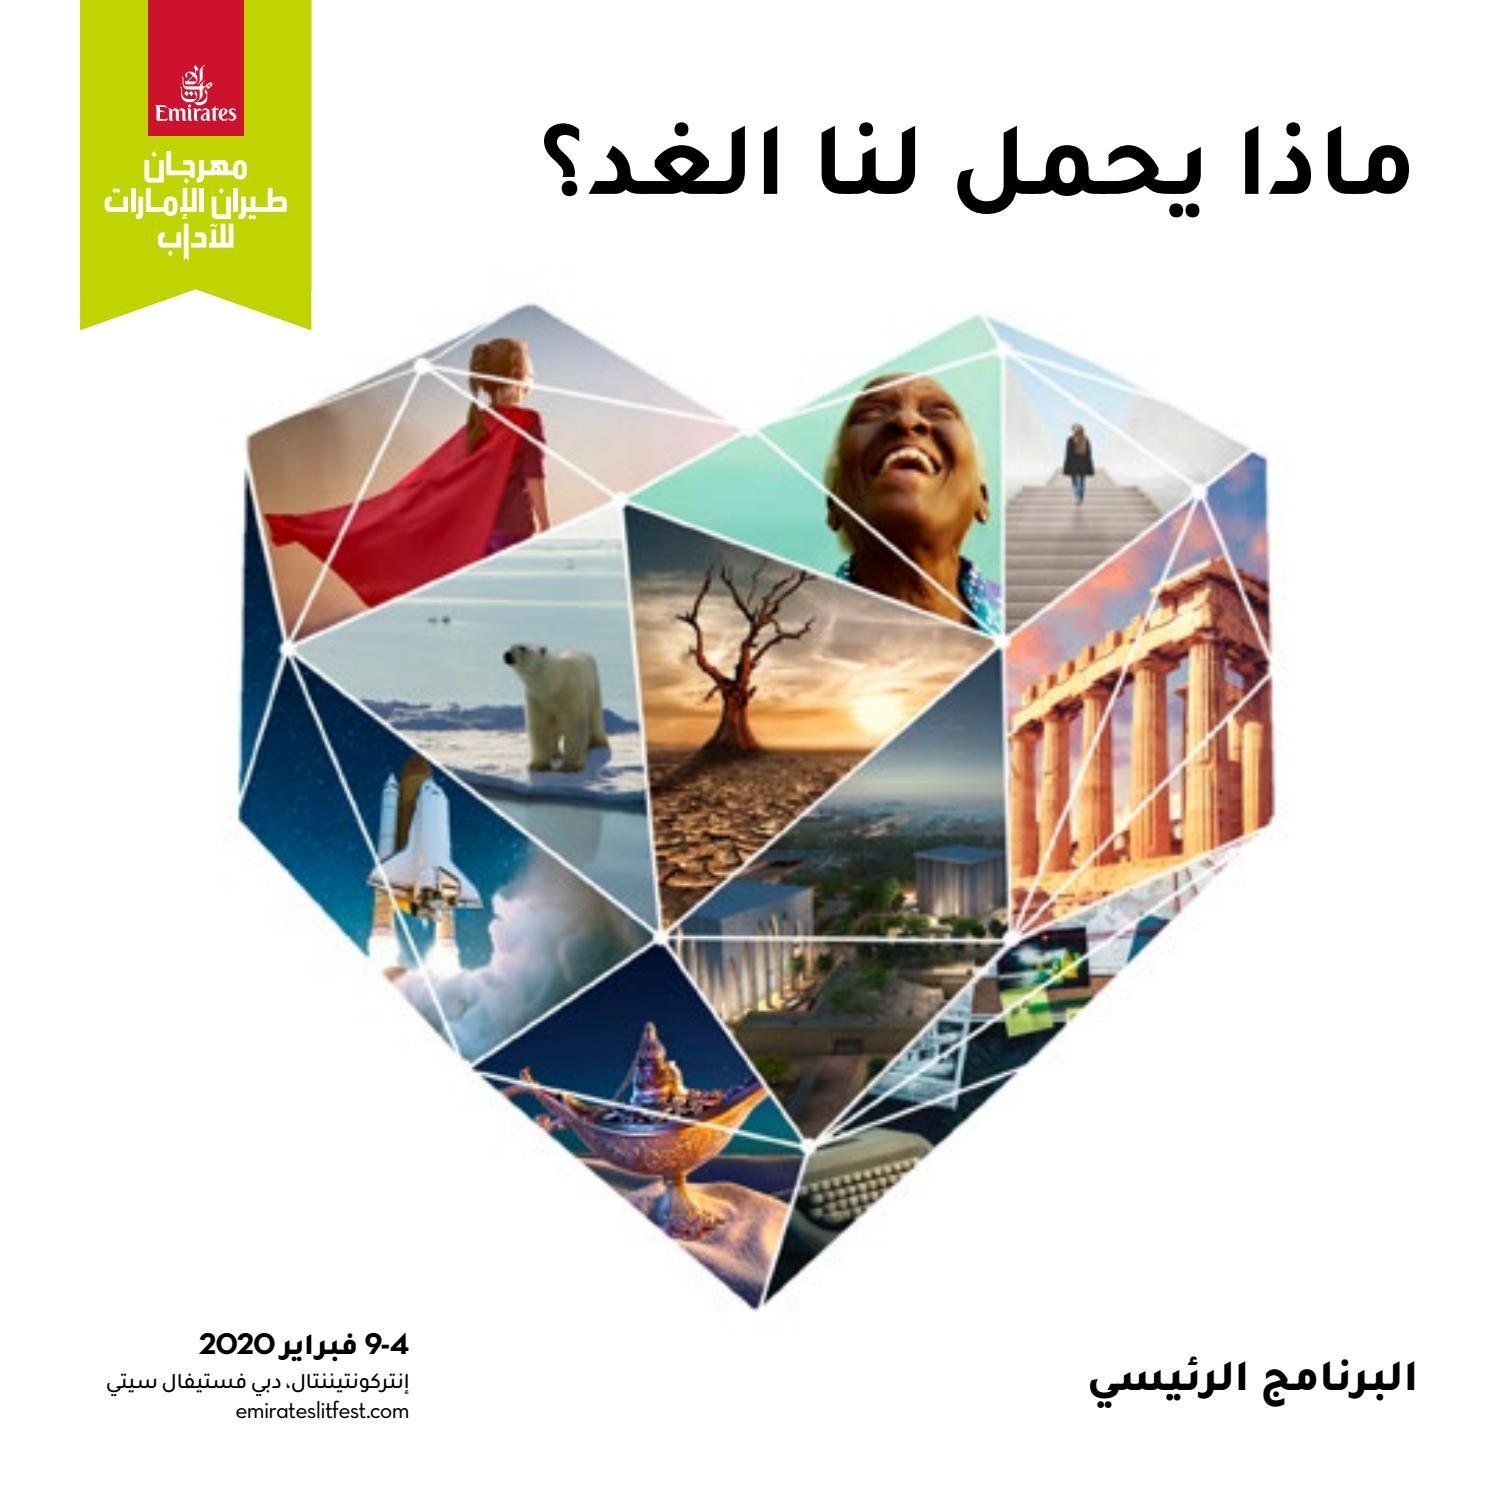 البرنامج الرئيسي By Emirates Literature Foundation Issuu